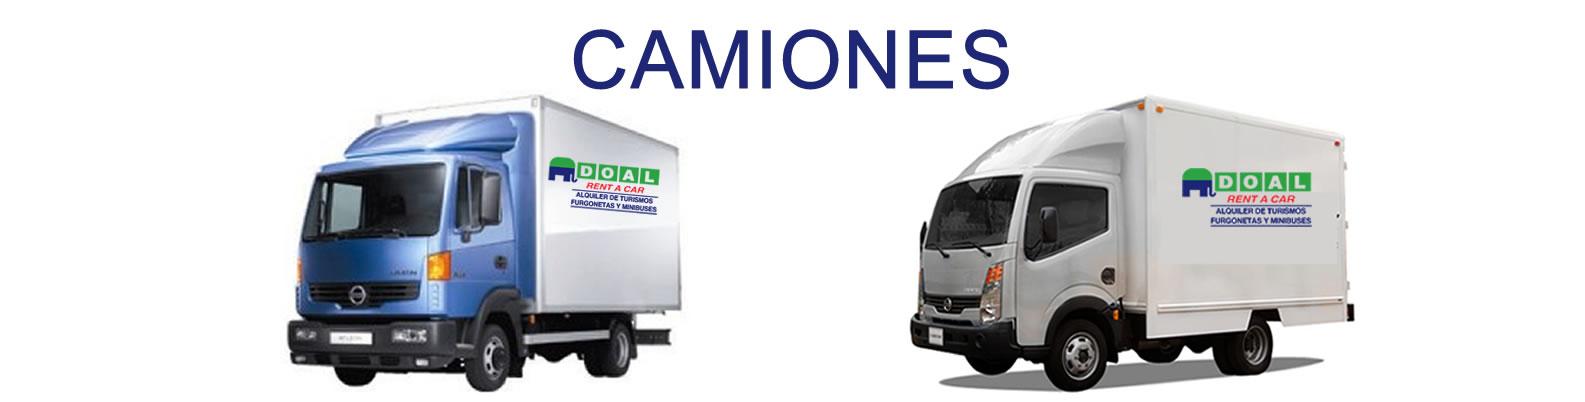 camionesslides